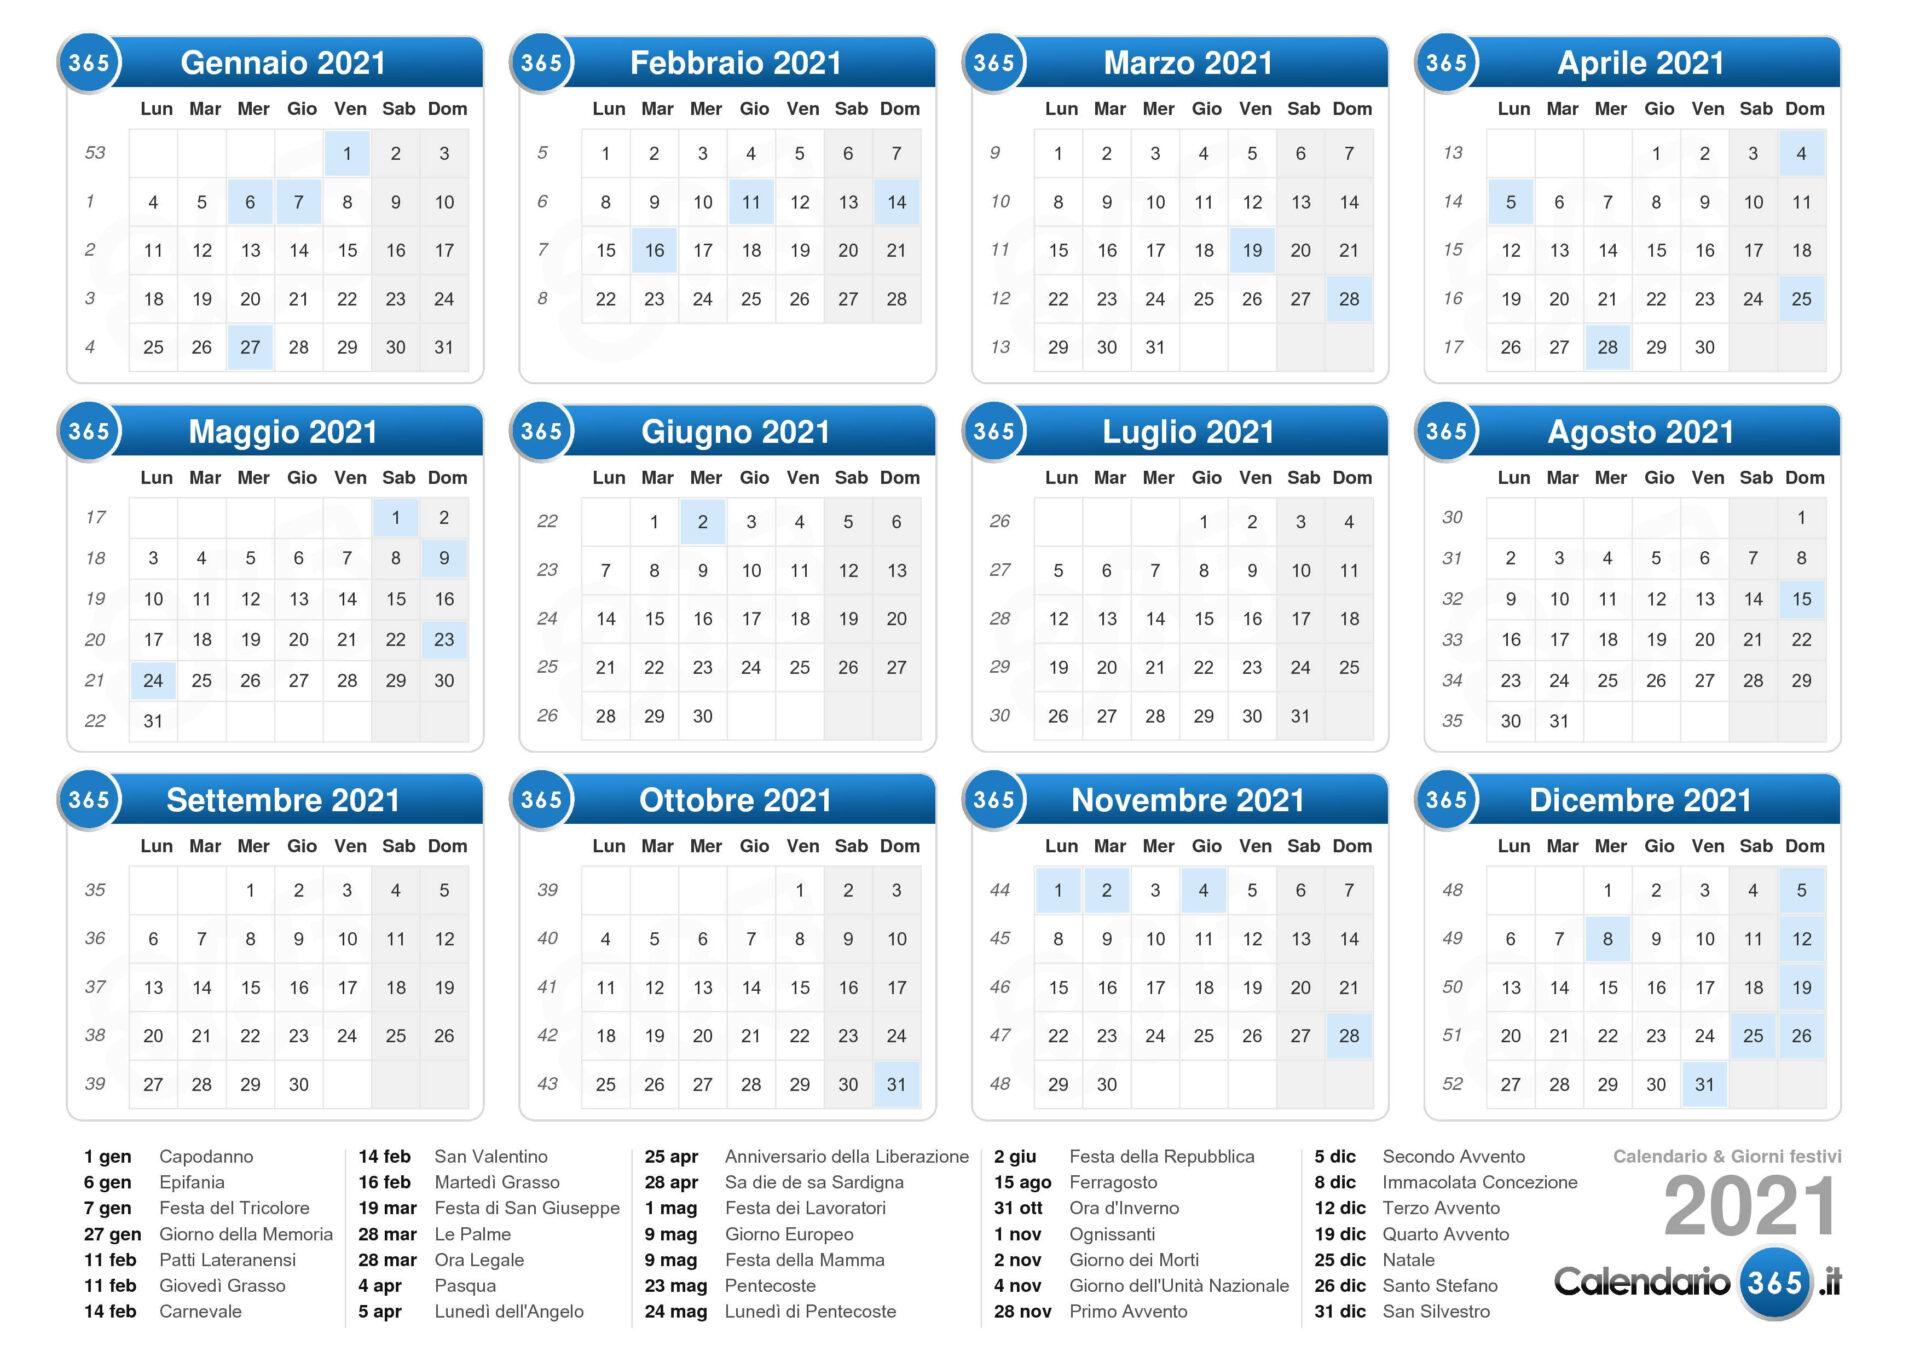 Calendario Giuliano 2021